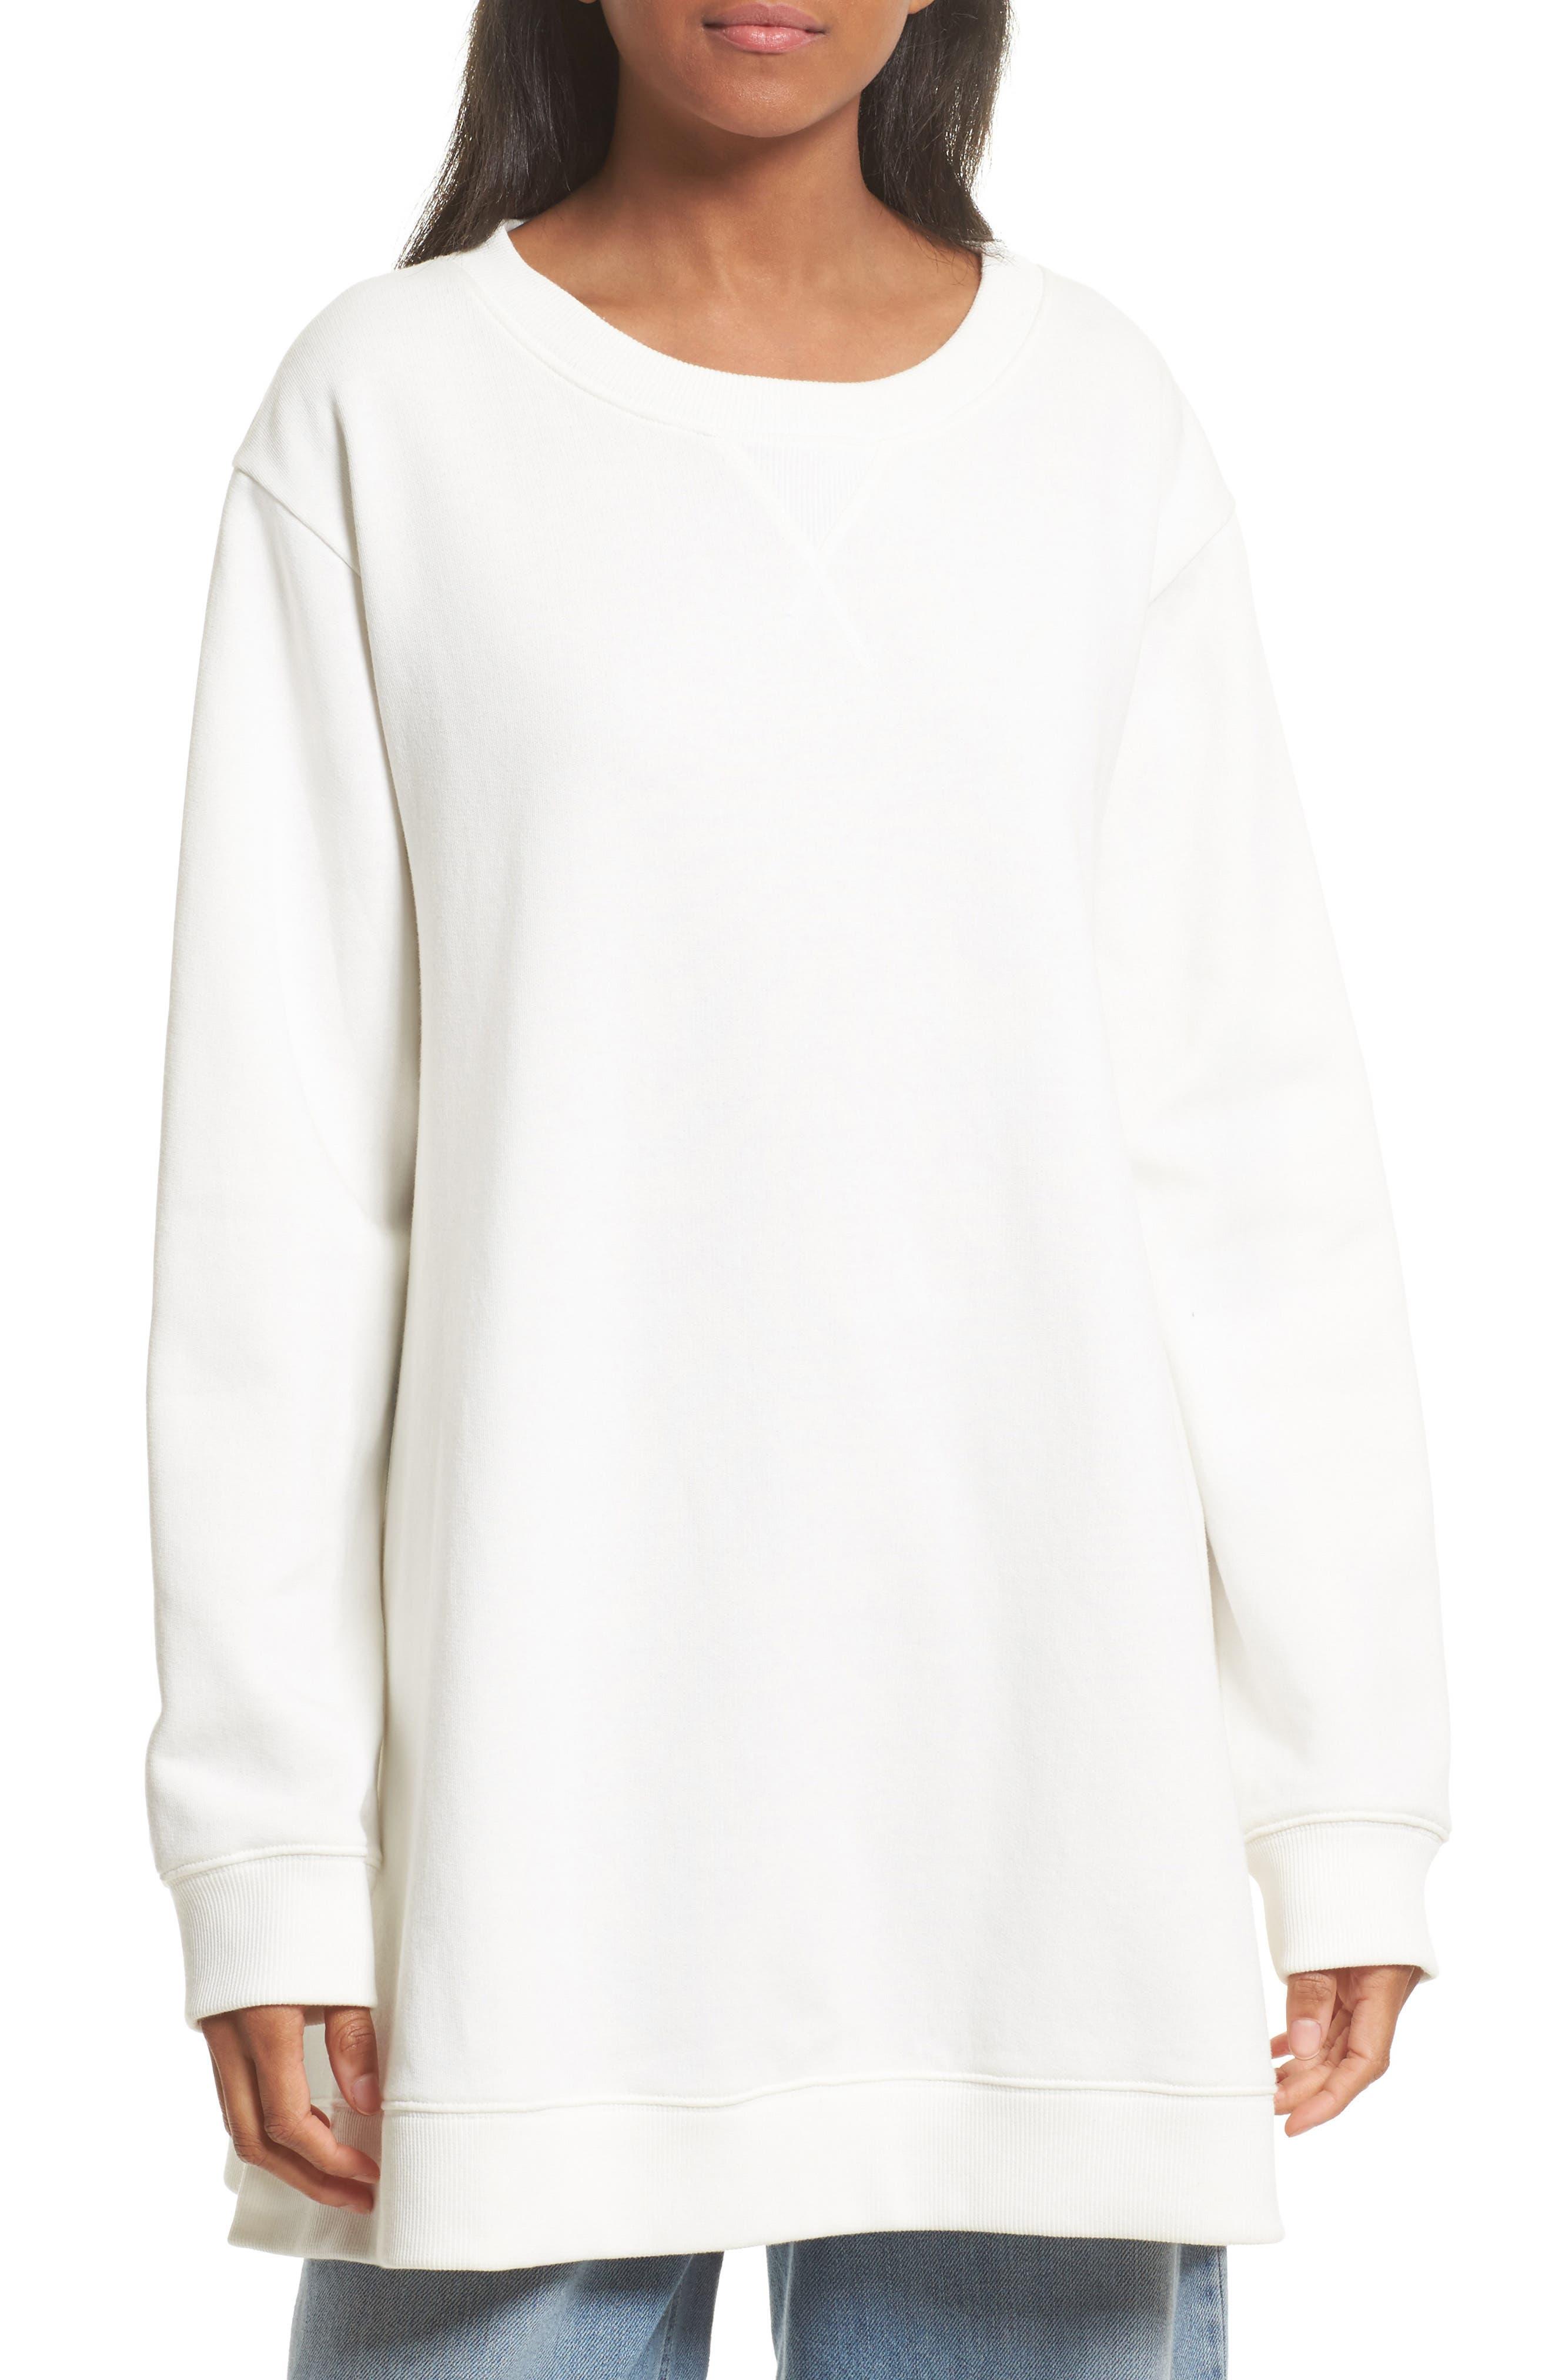 Alternate Image 1 Selected - MM6 Maison Margiela Oversize Sweatshirt